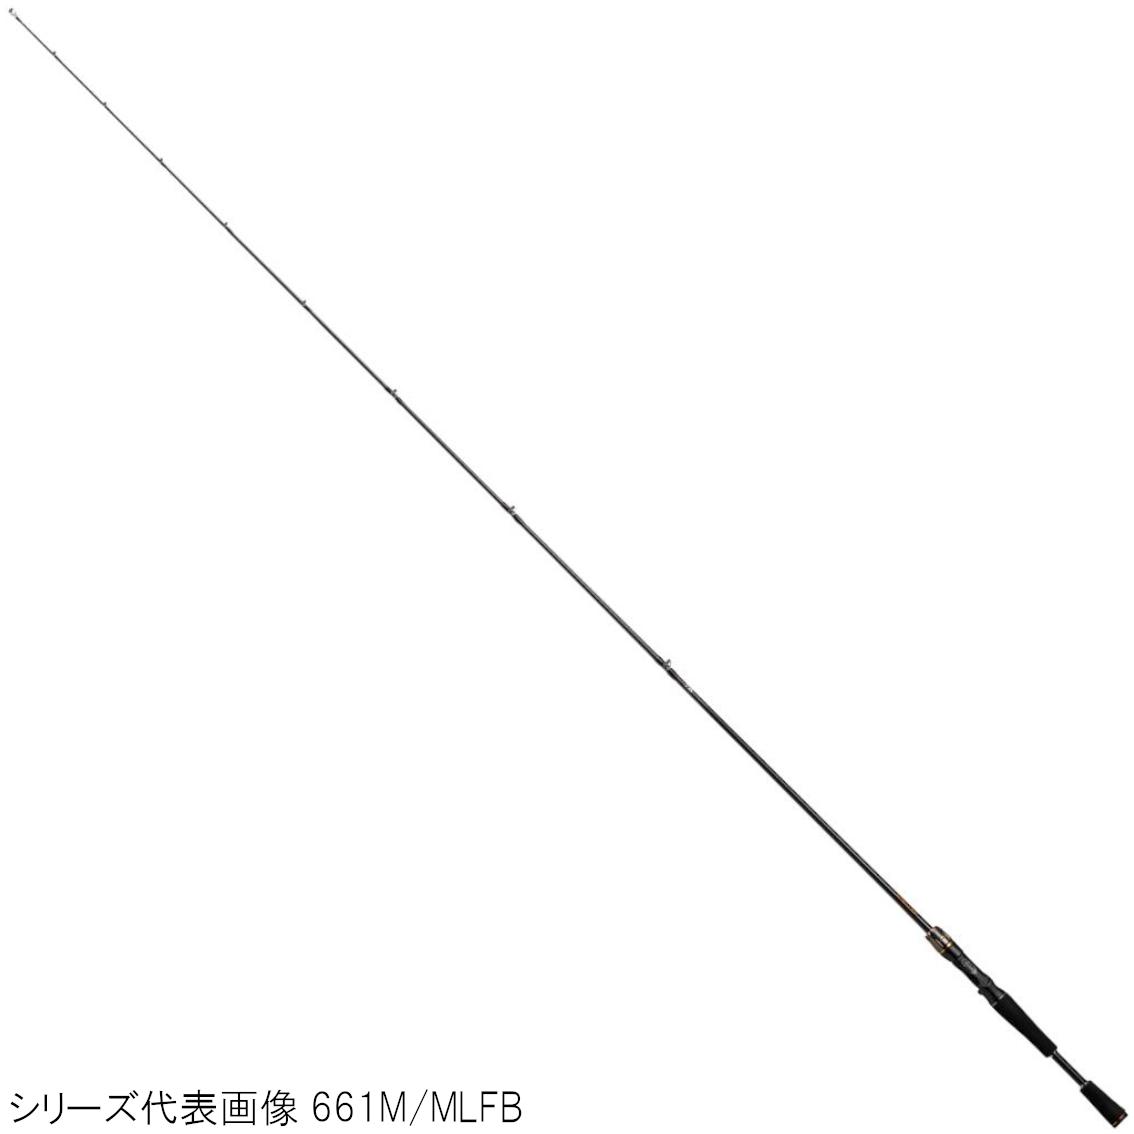 ダイワ リベリオン(ベイトモデル) 661MHFB-G【大型商品】